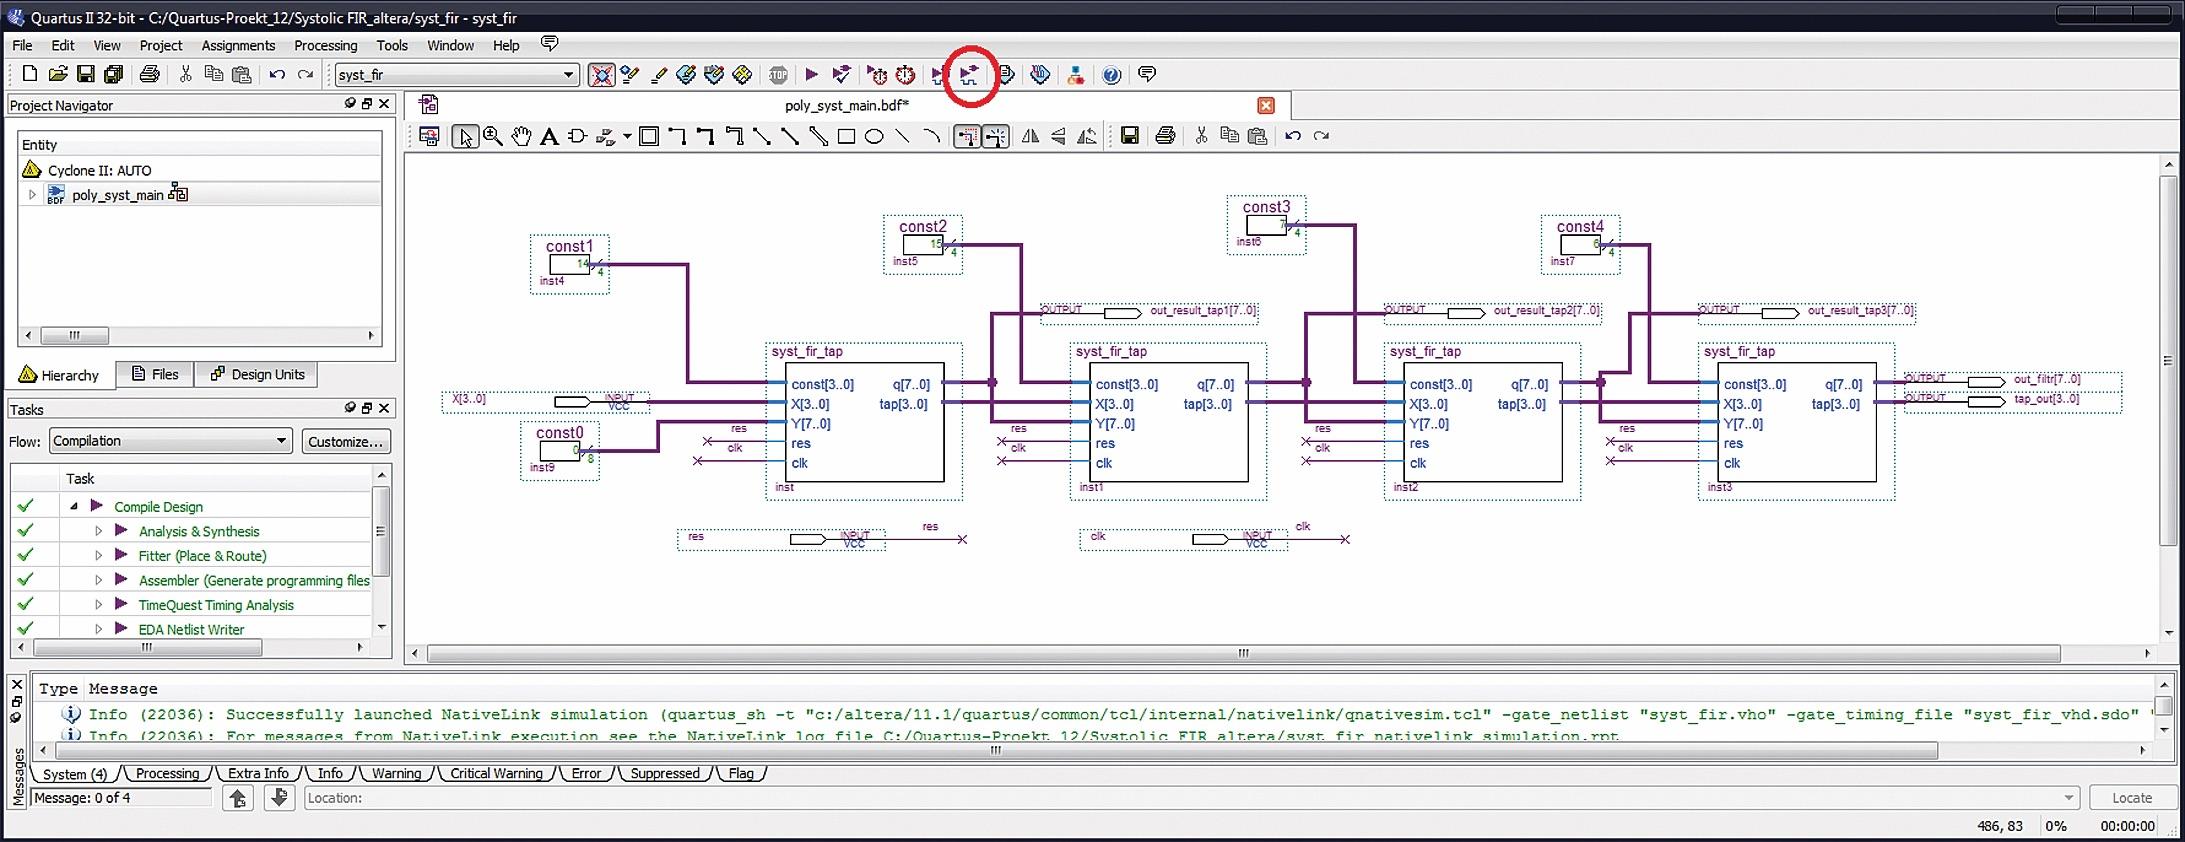 Систолический КИХ-фильтр на четыре отвода в САПР ПЛИС Quartus II версии 11.1 с однотипными процессорными элементами